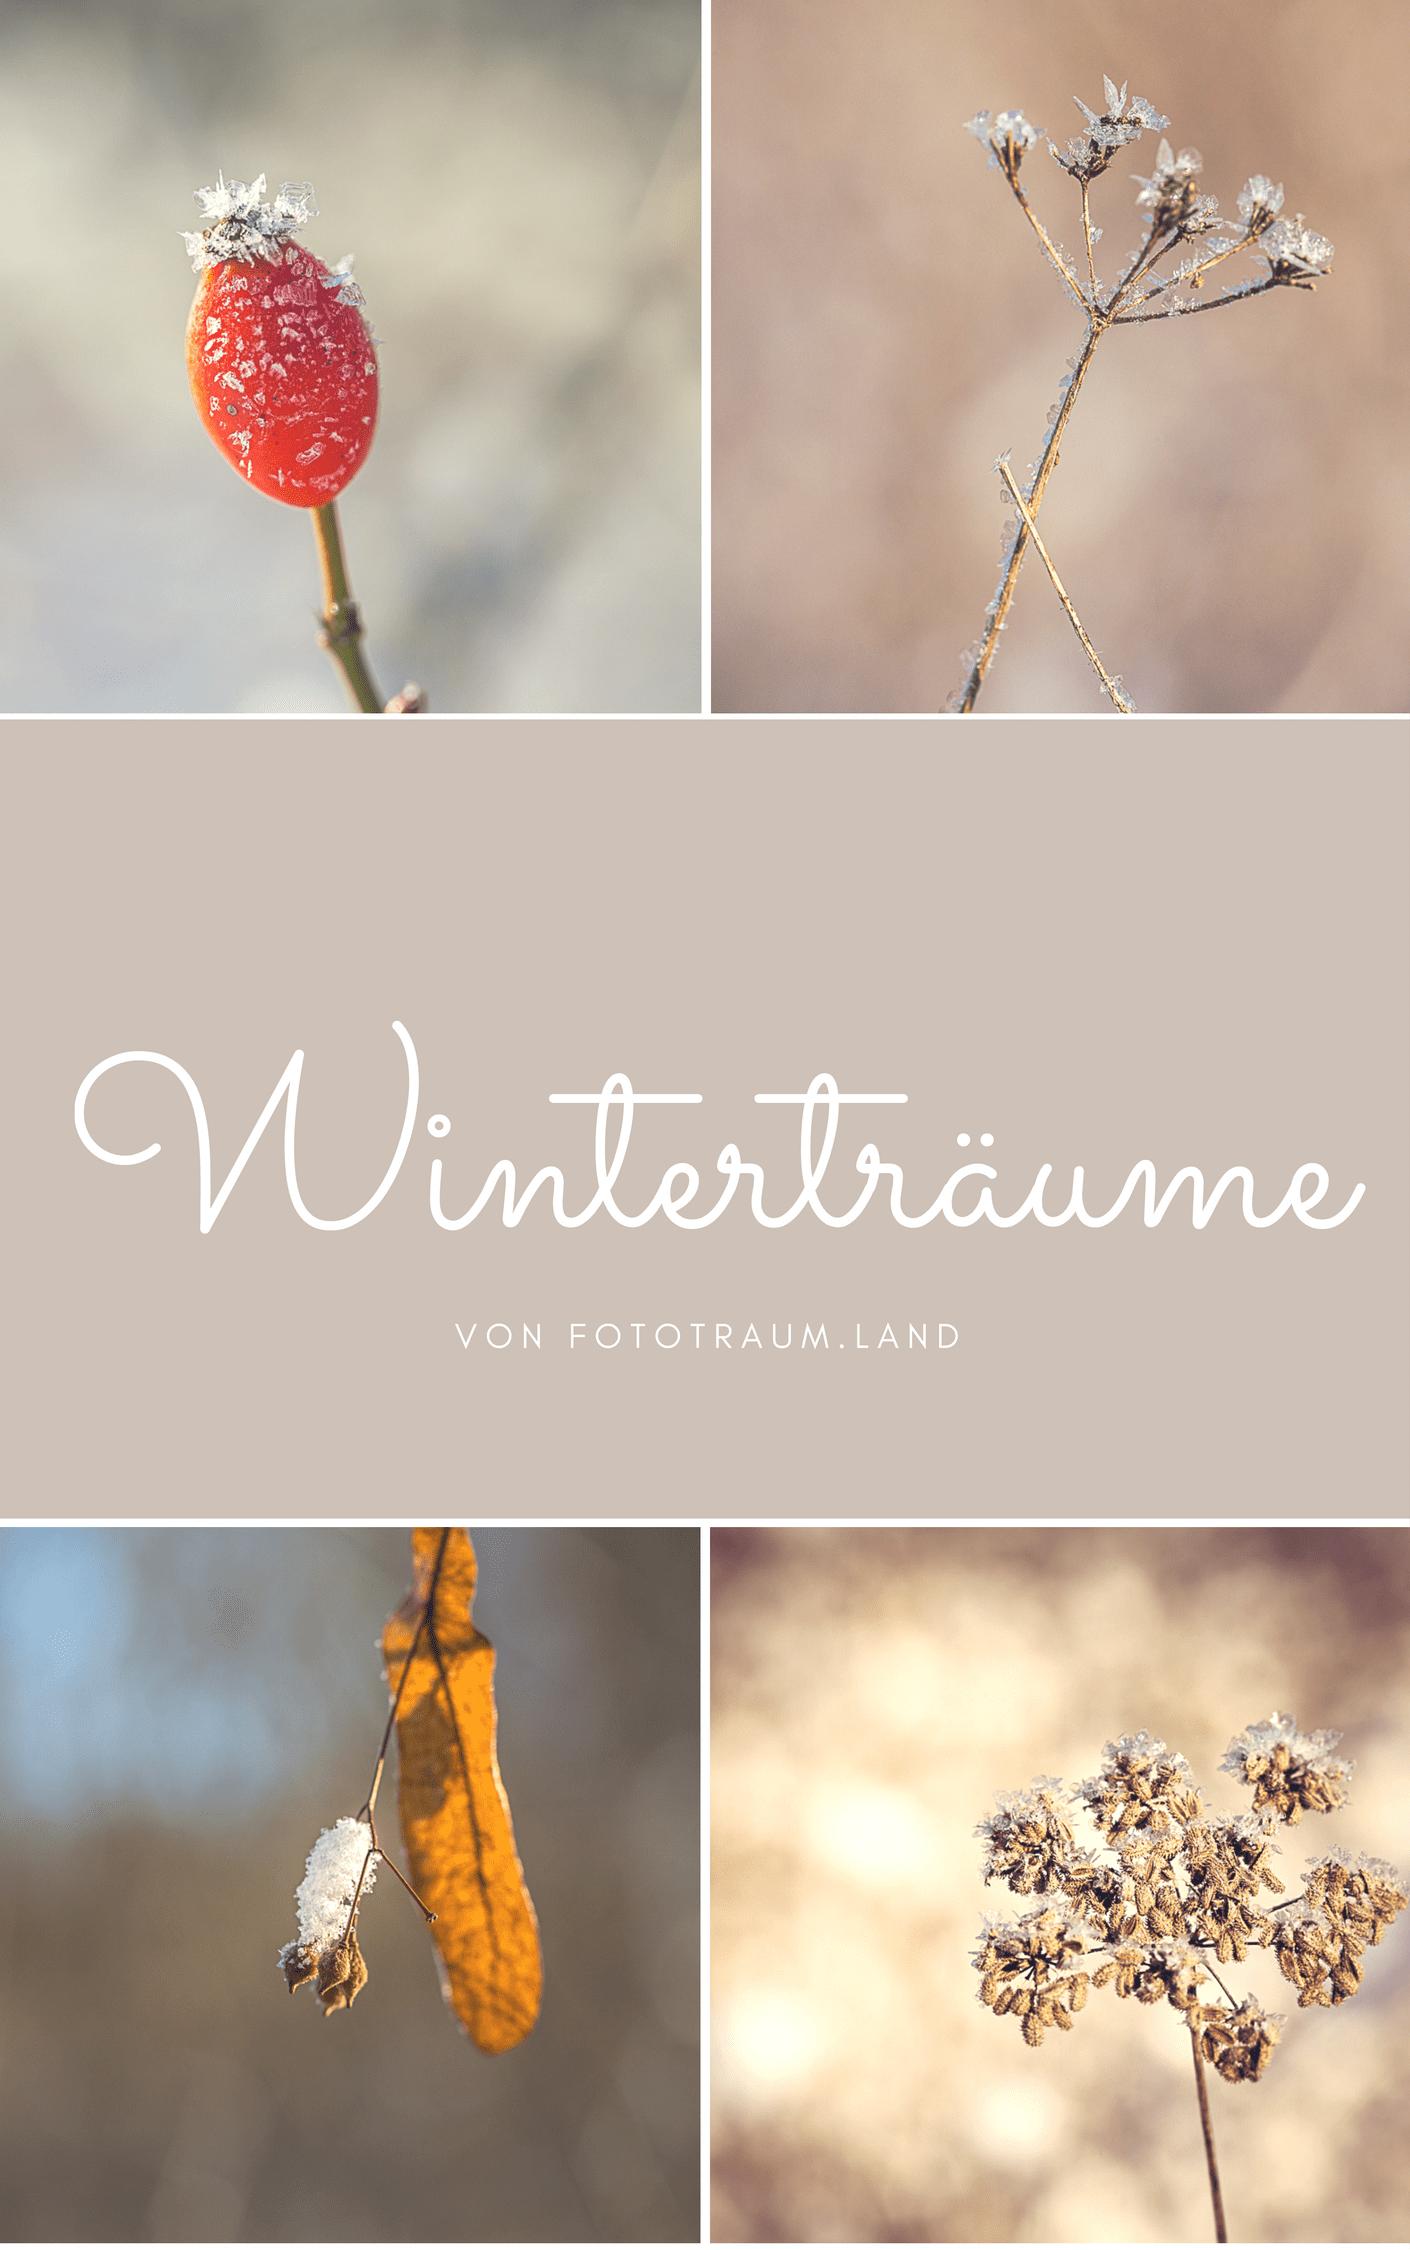 Der Frost liefert im Winter so viele tolle Fotomotive – also schnapp dir deine Kamera und los geht's!